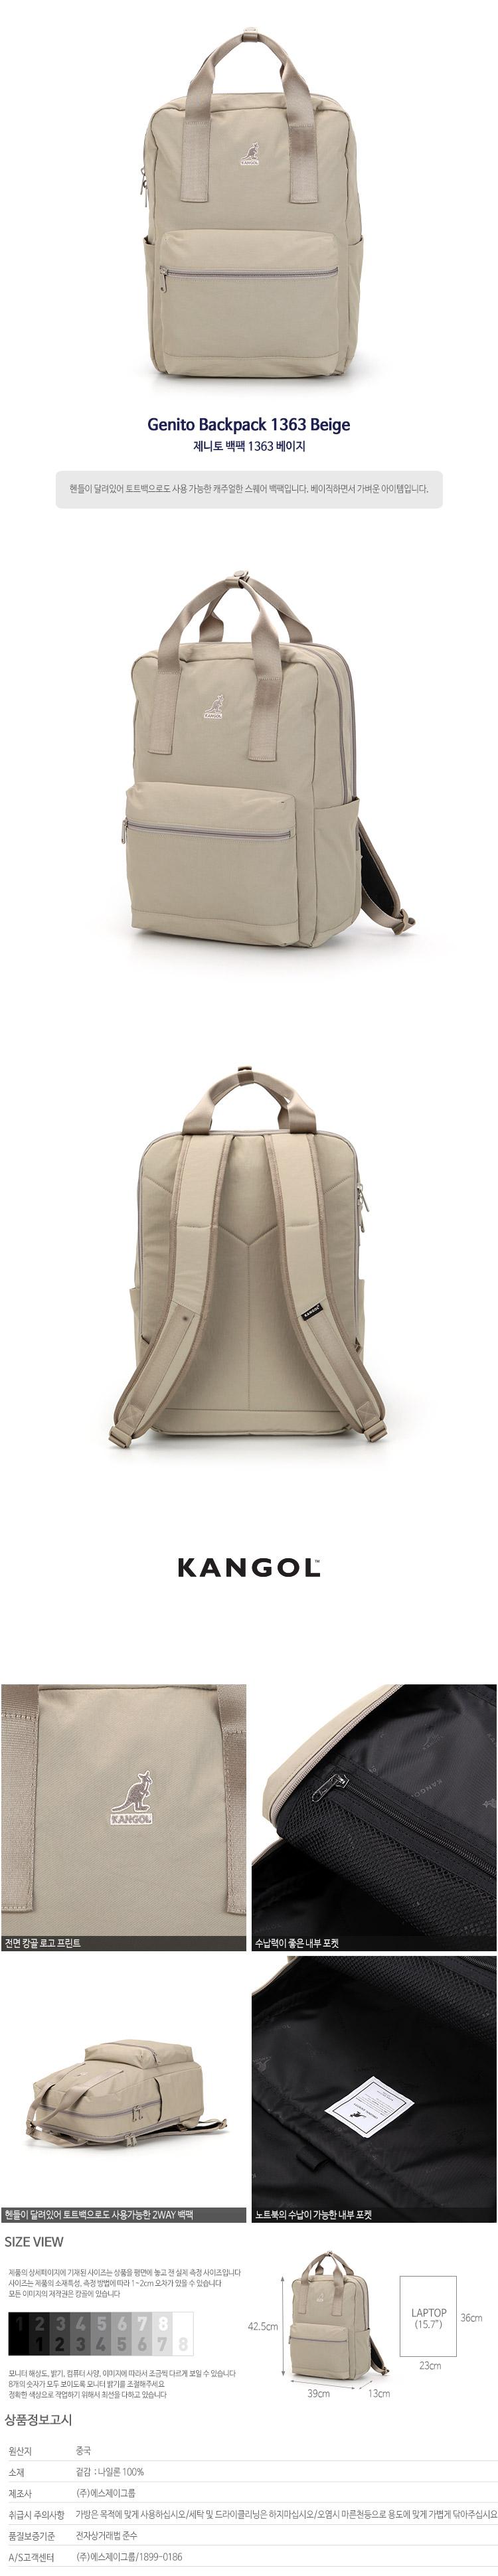 Genito Backpack 1363 BEIGE